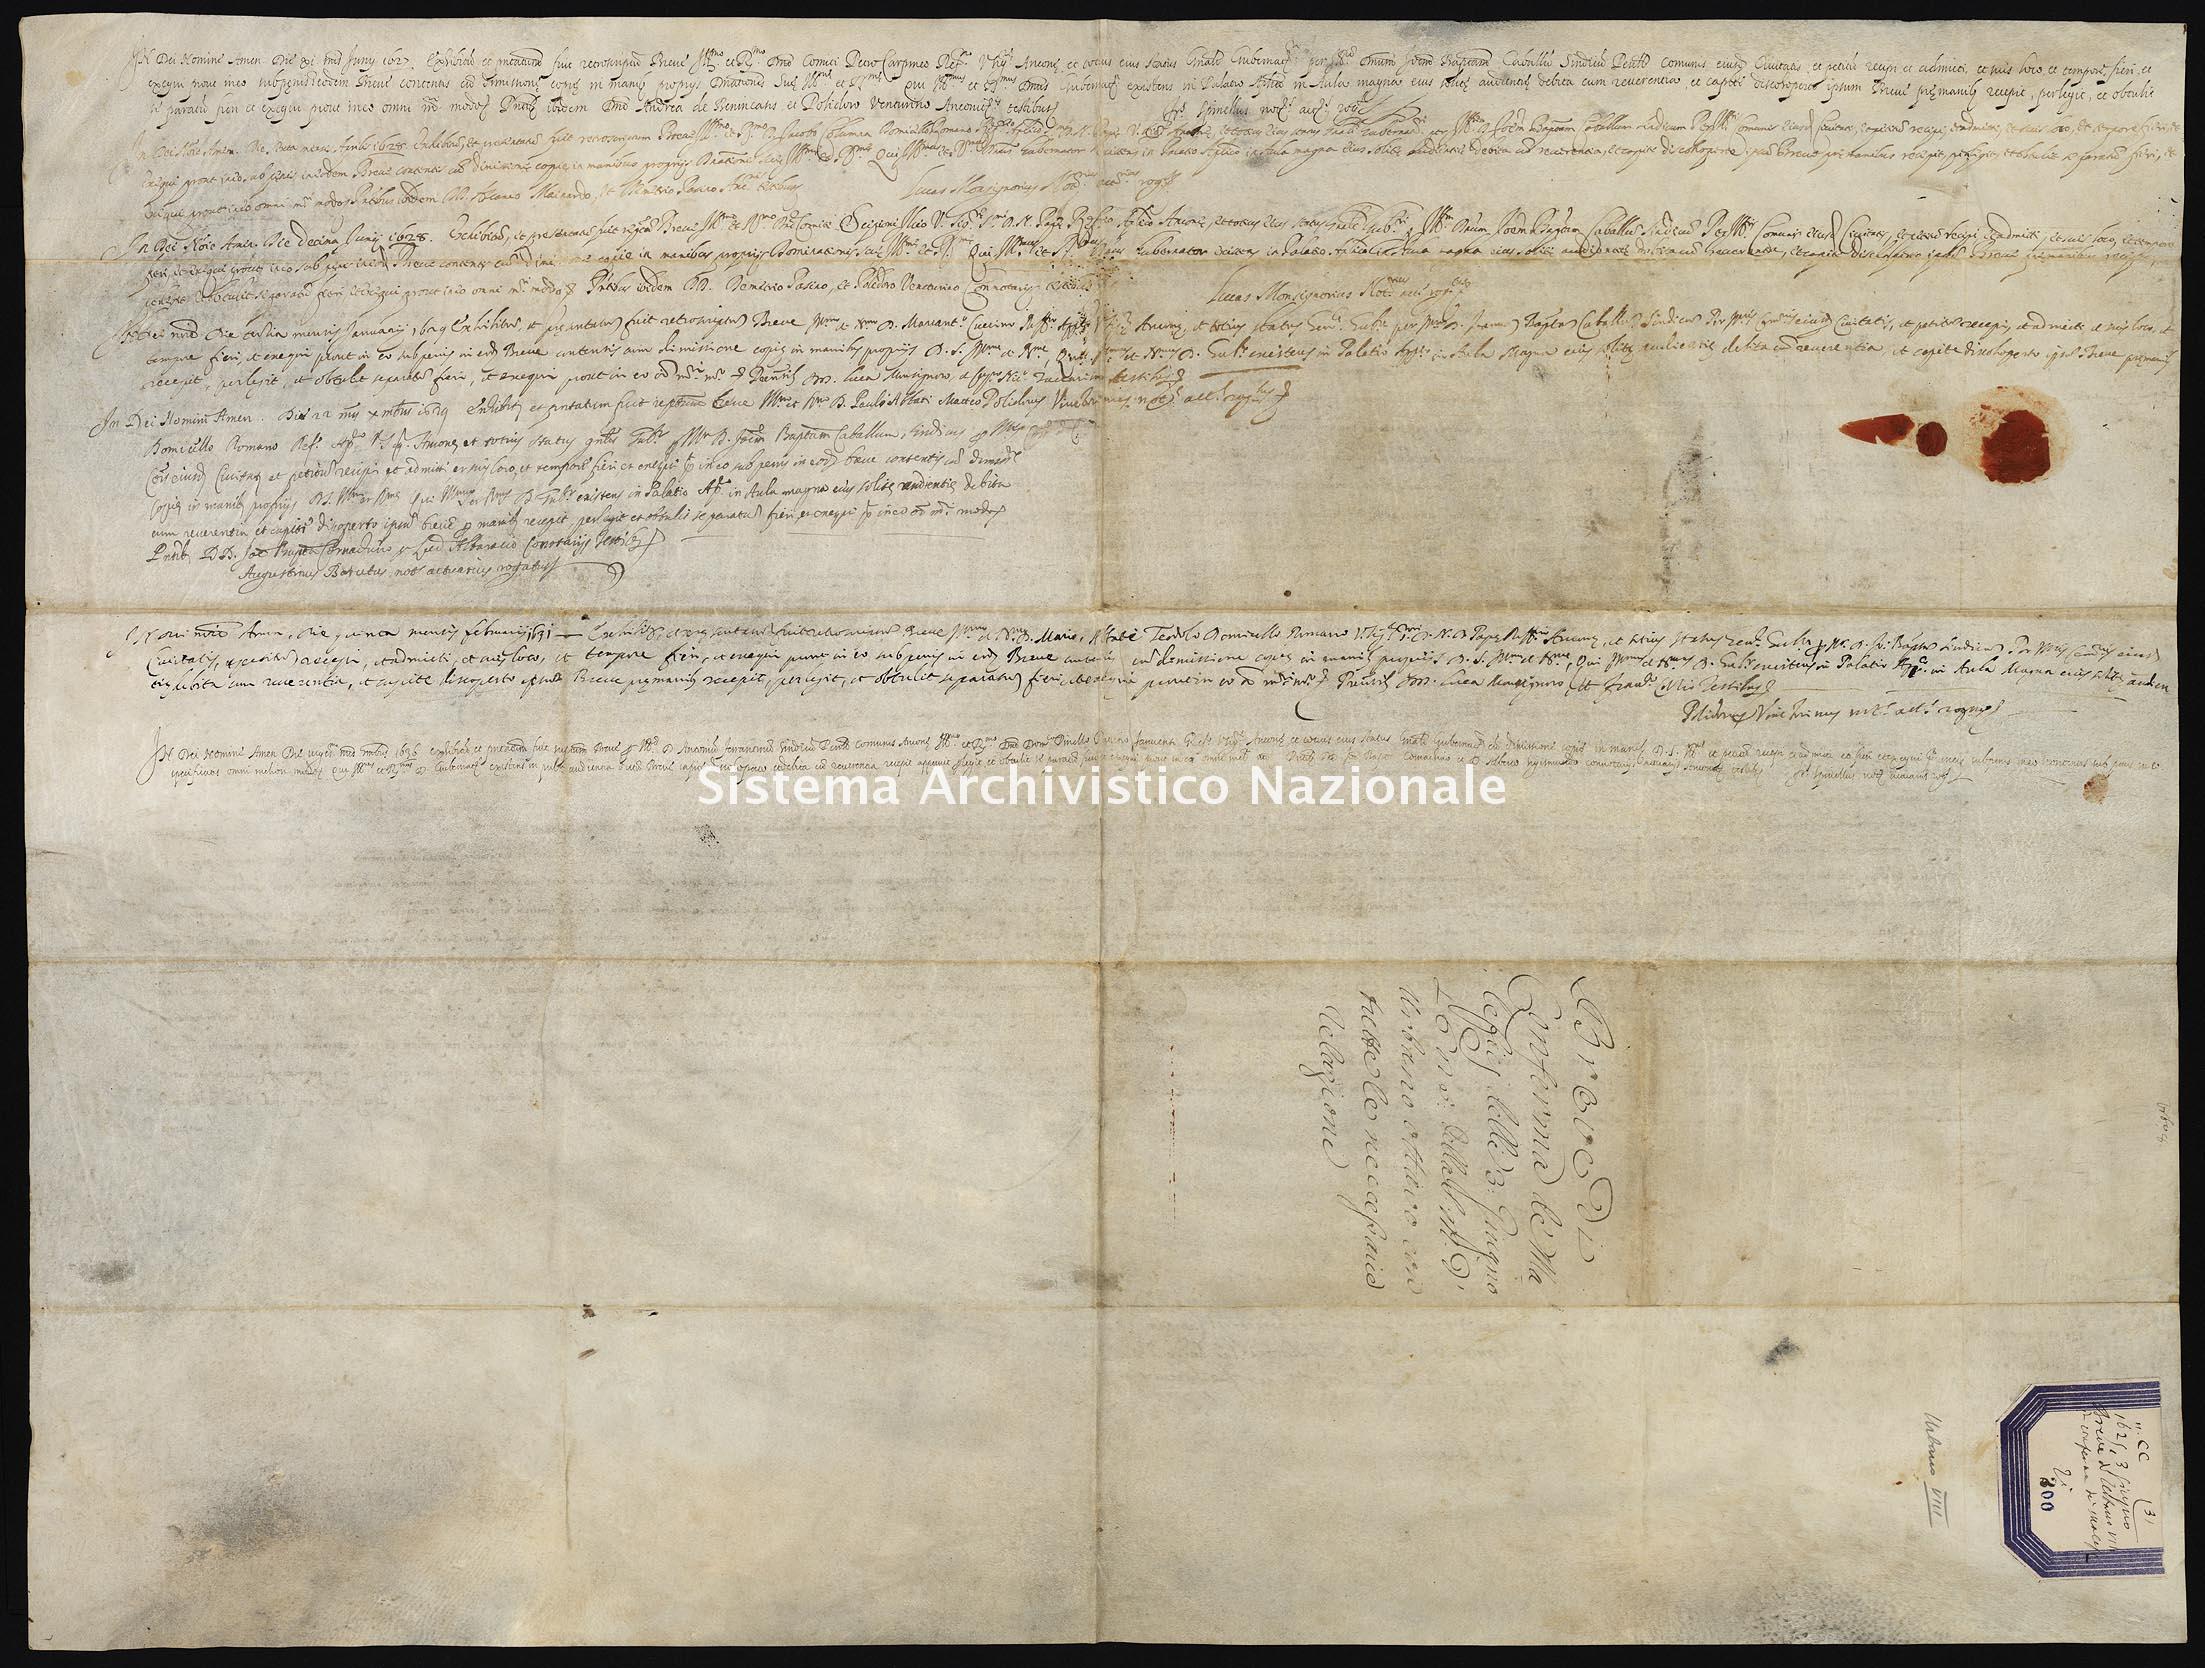 Archivio di Stato di Ancona, Comune di Ancona, Comune di Ancona (antico regime), Pergamene, Pergamena n. 200